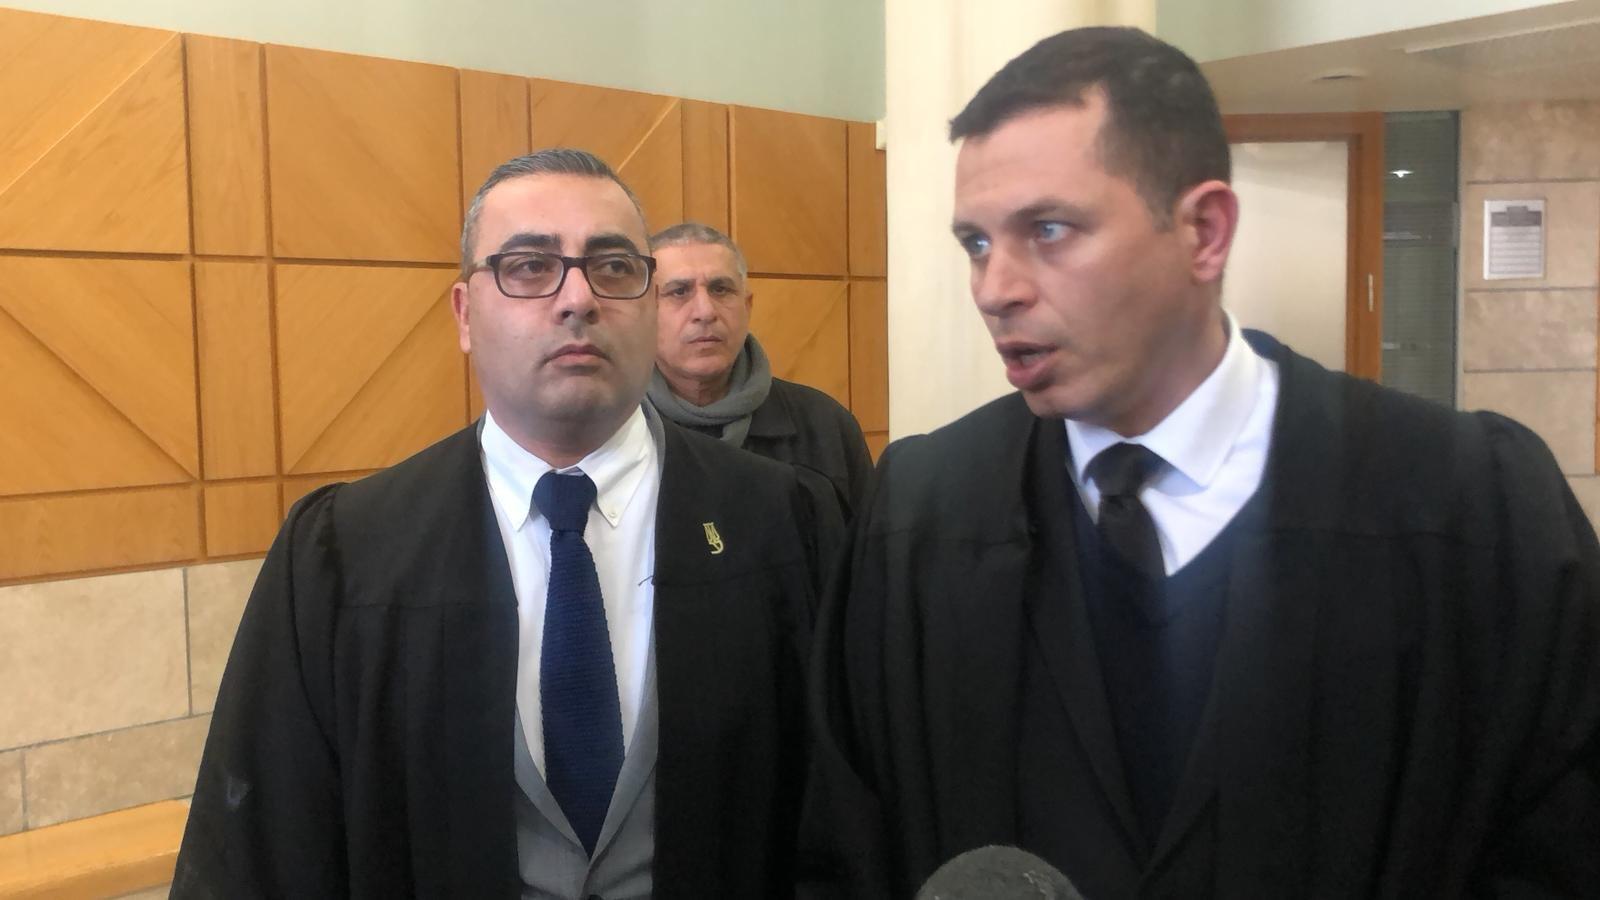 طاقم الدفاع عن المتهم بقتل يارا أيّوب: النيابة والشرطة تحاولان اخفاء أجزاء من لائحة الإتهام